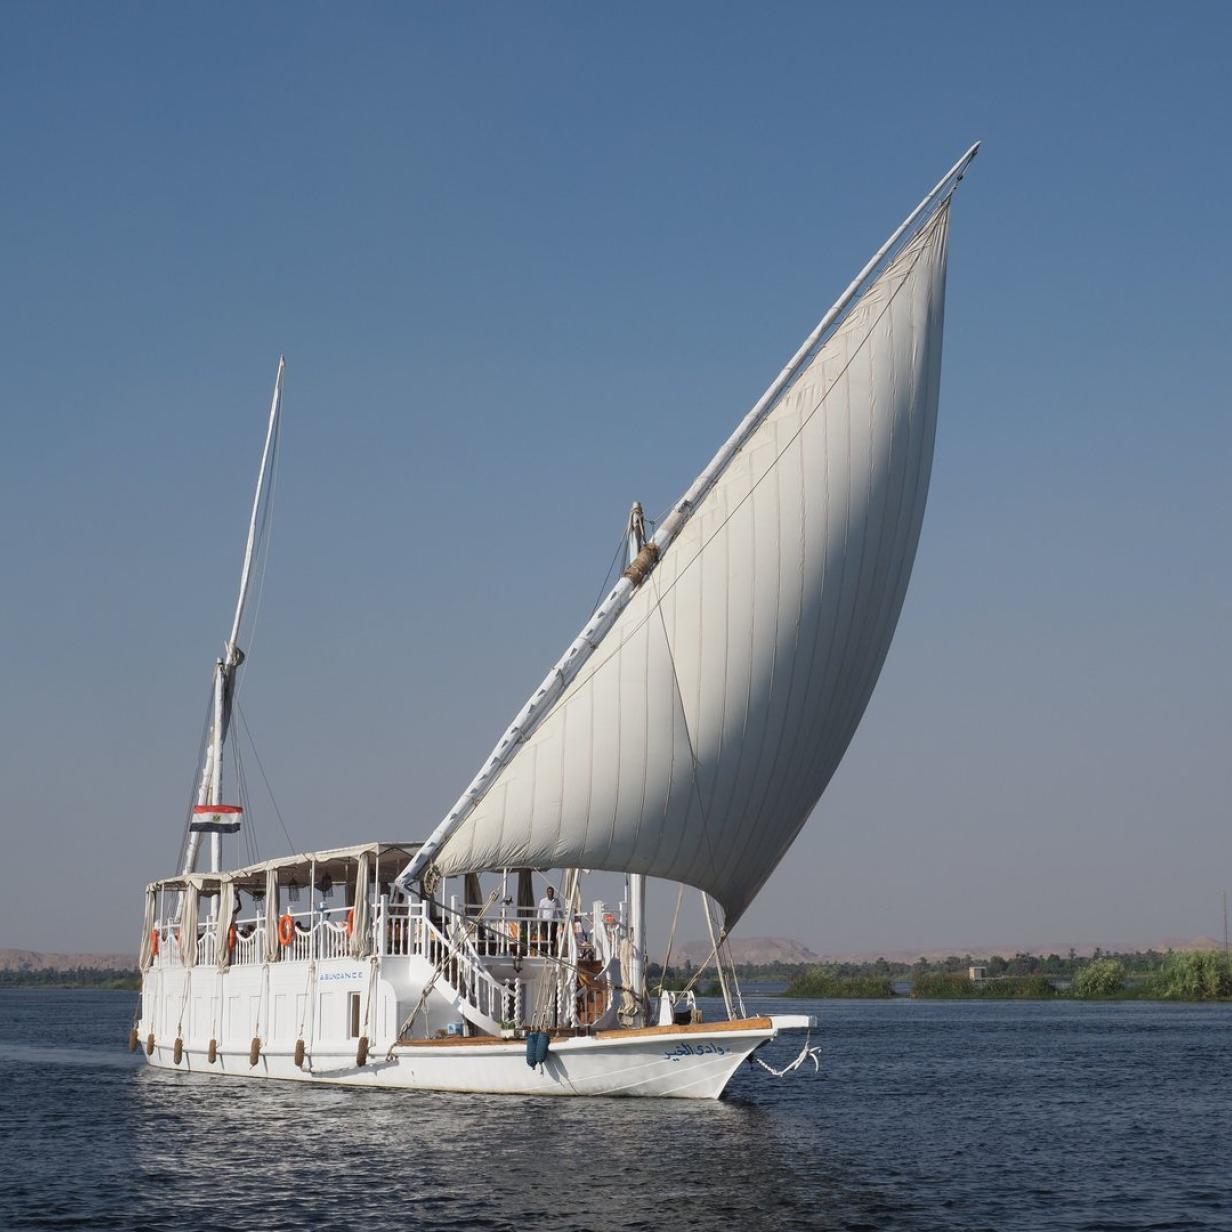 Segeln auf dem Nil: Reisen wie die Pharaonen